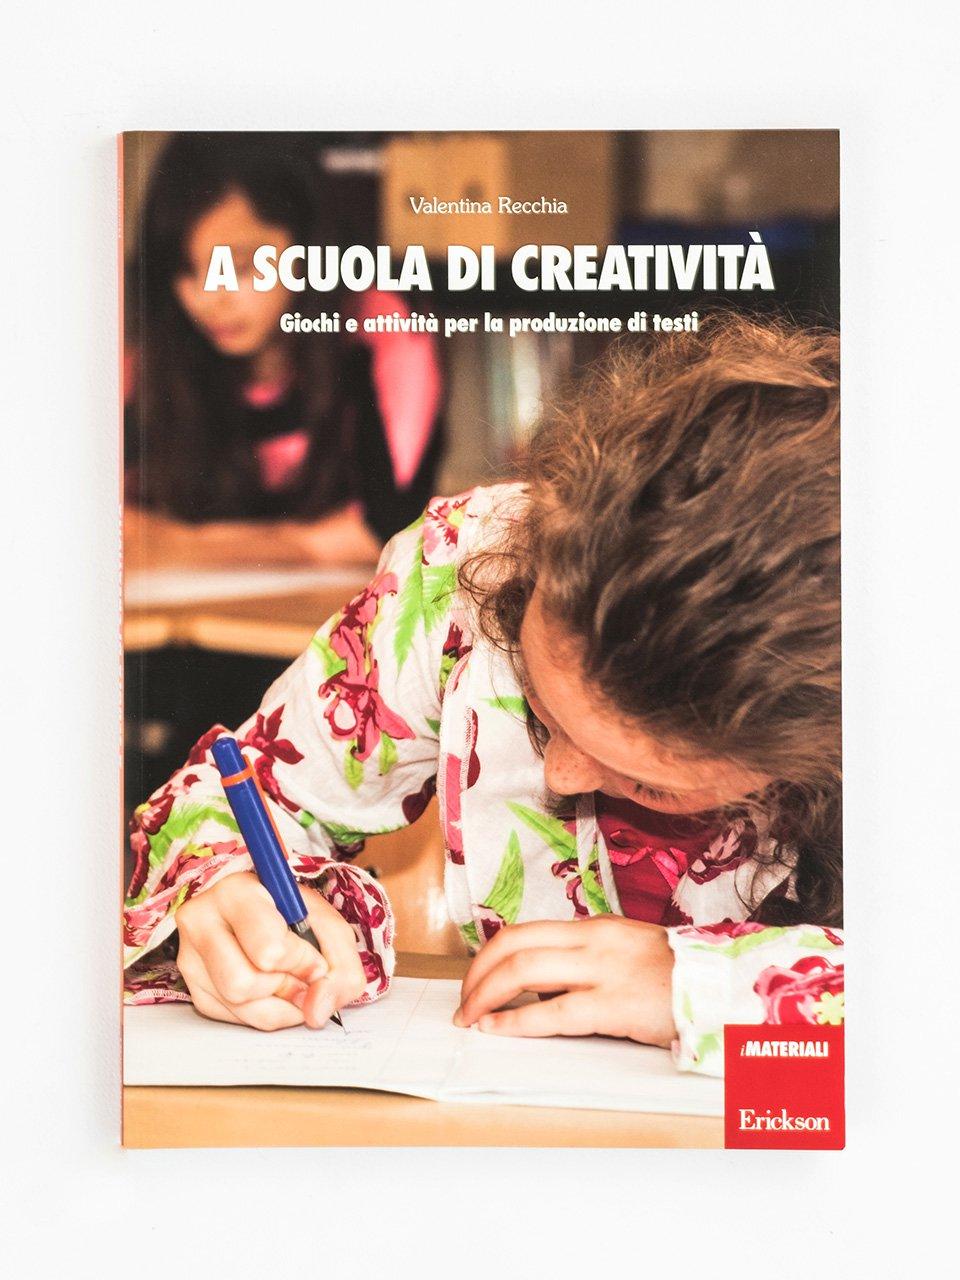 A scuola di creatività - Imparo a fare i Lapbook. Aprendo...Apprendo!® - Co - Formazione - Erickson